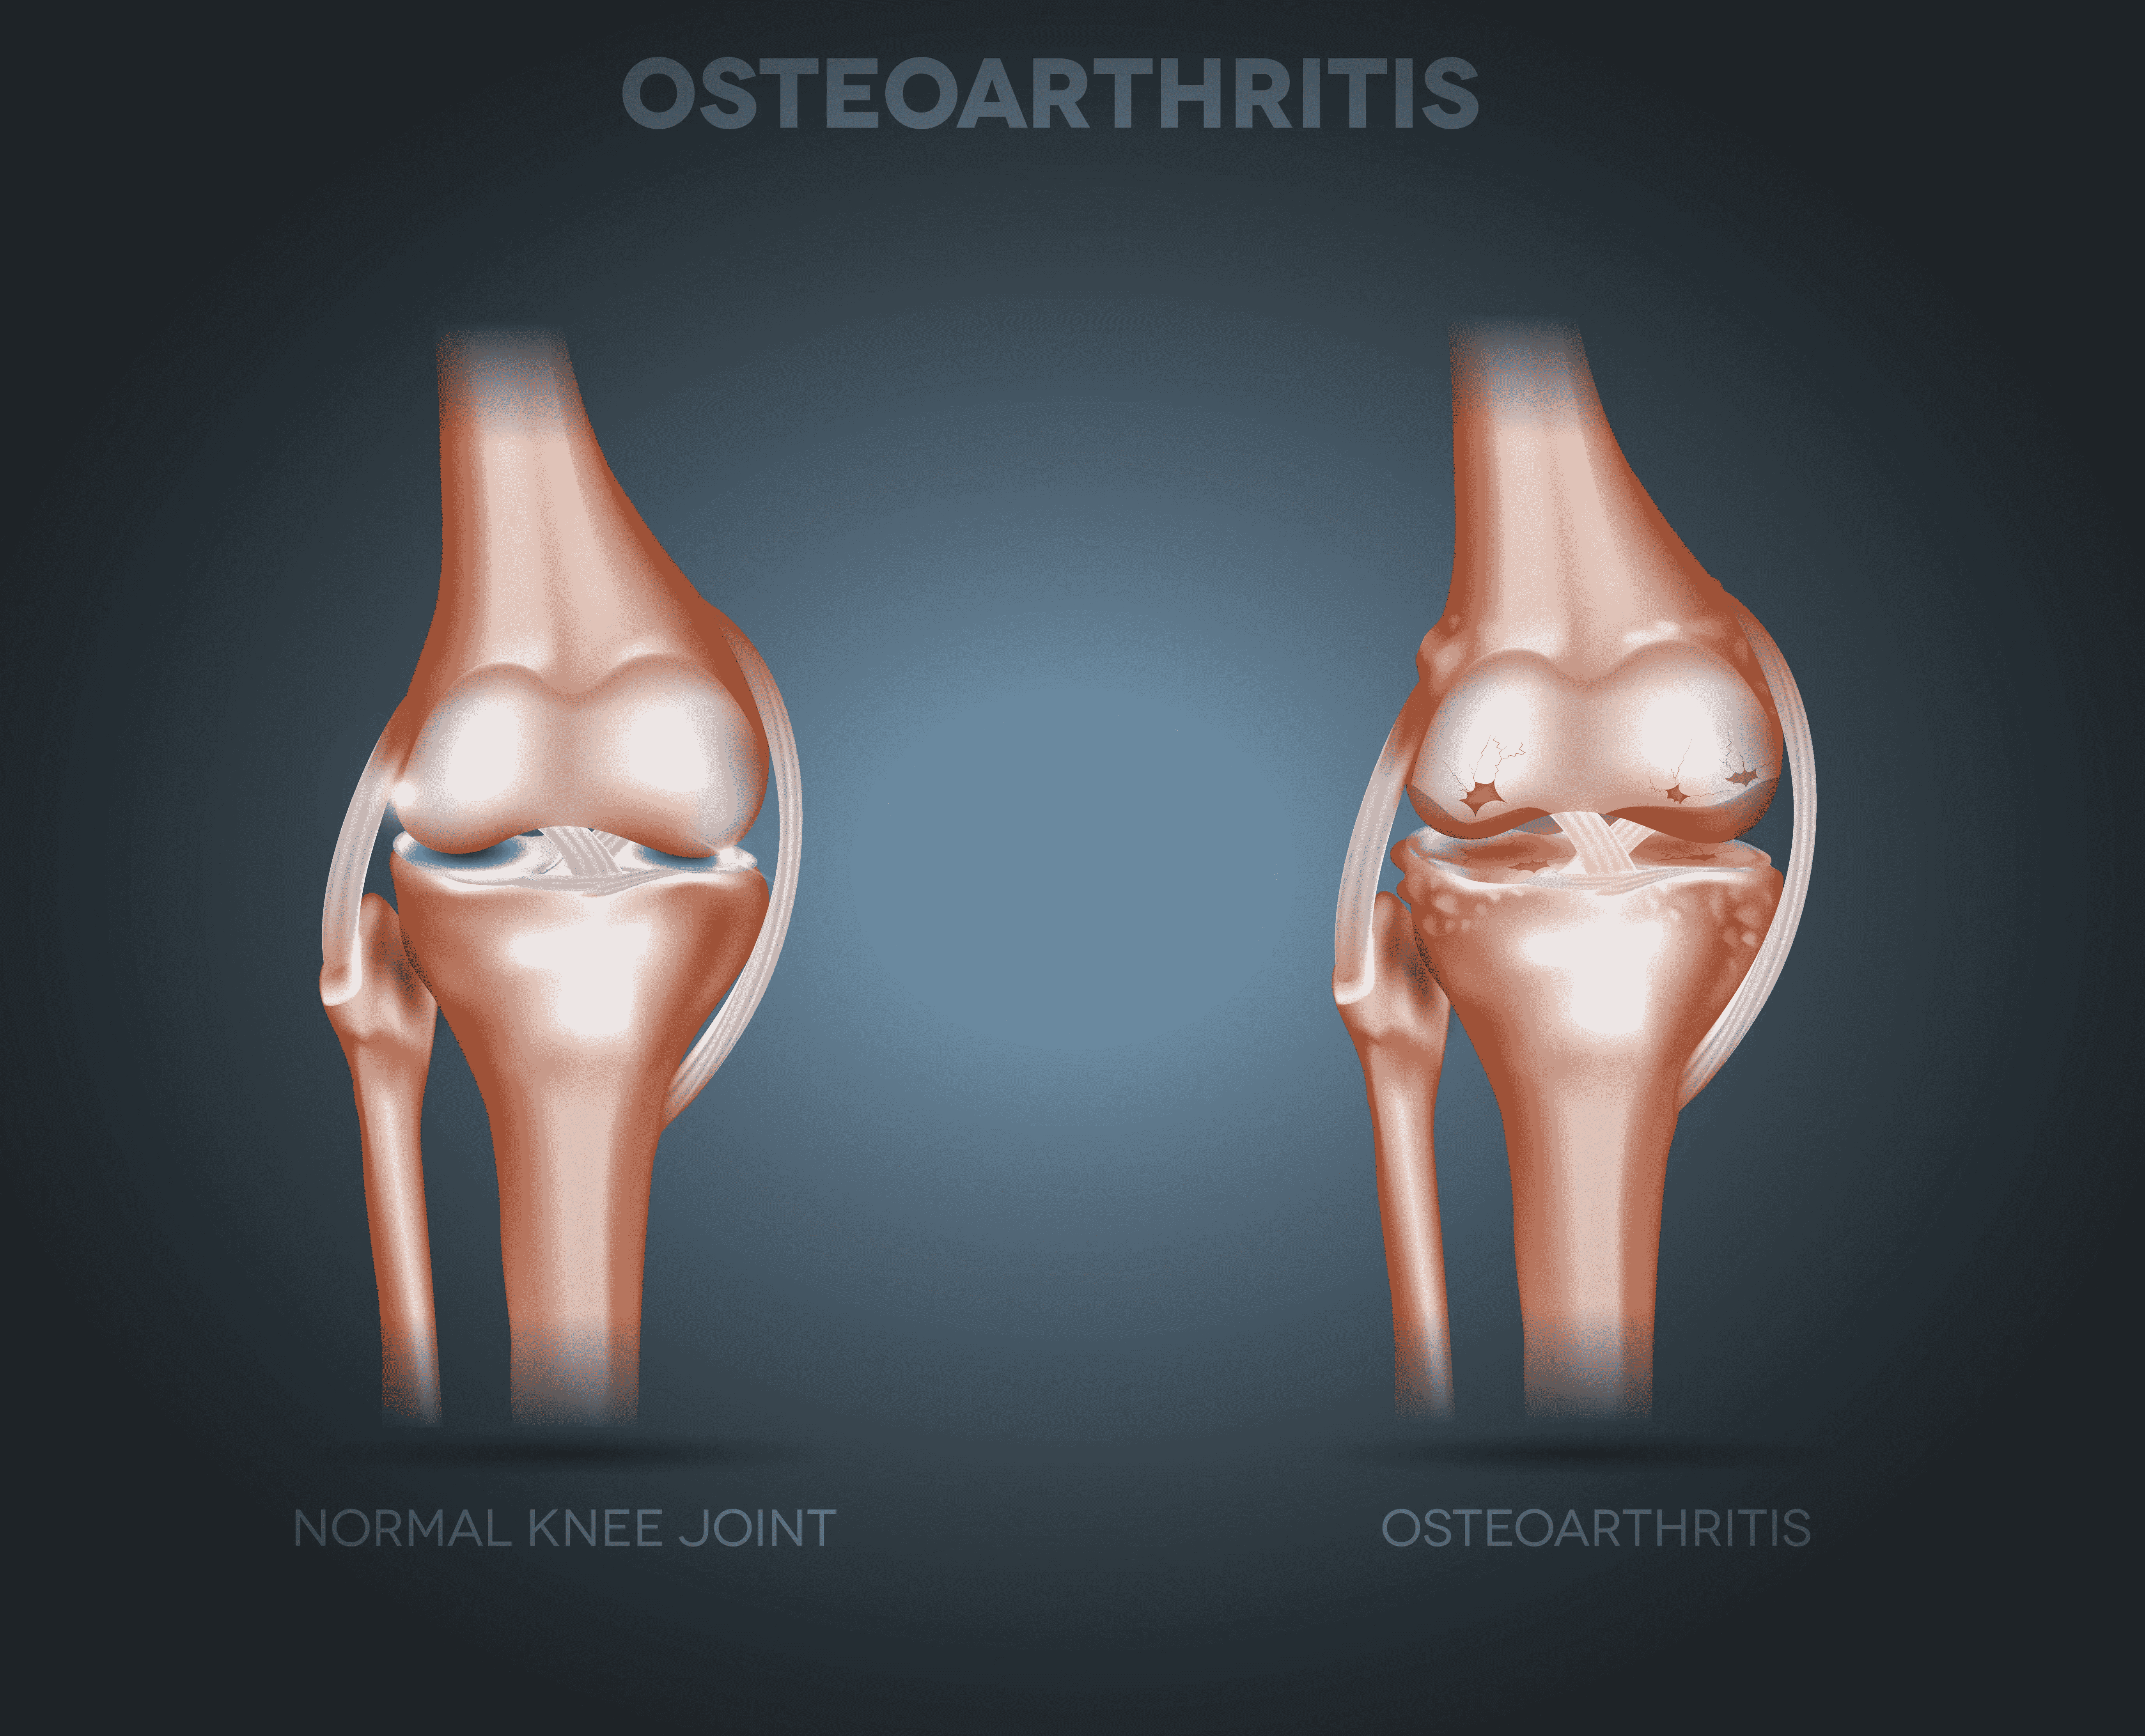 osteoarthritis_in_knee